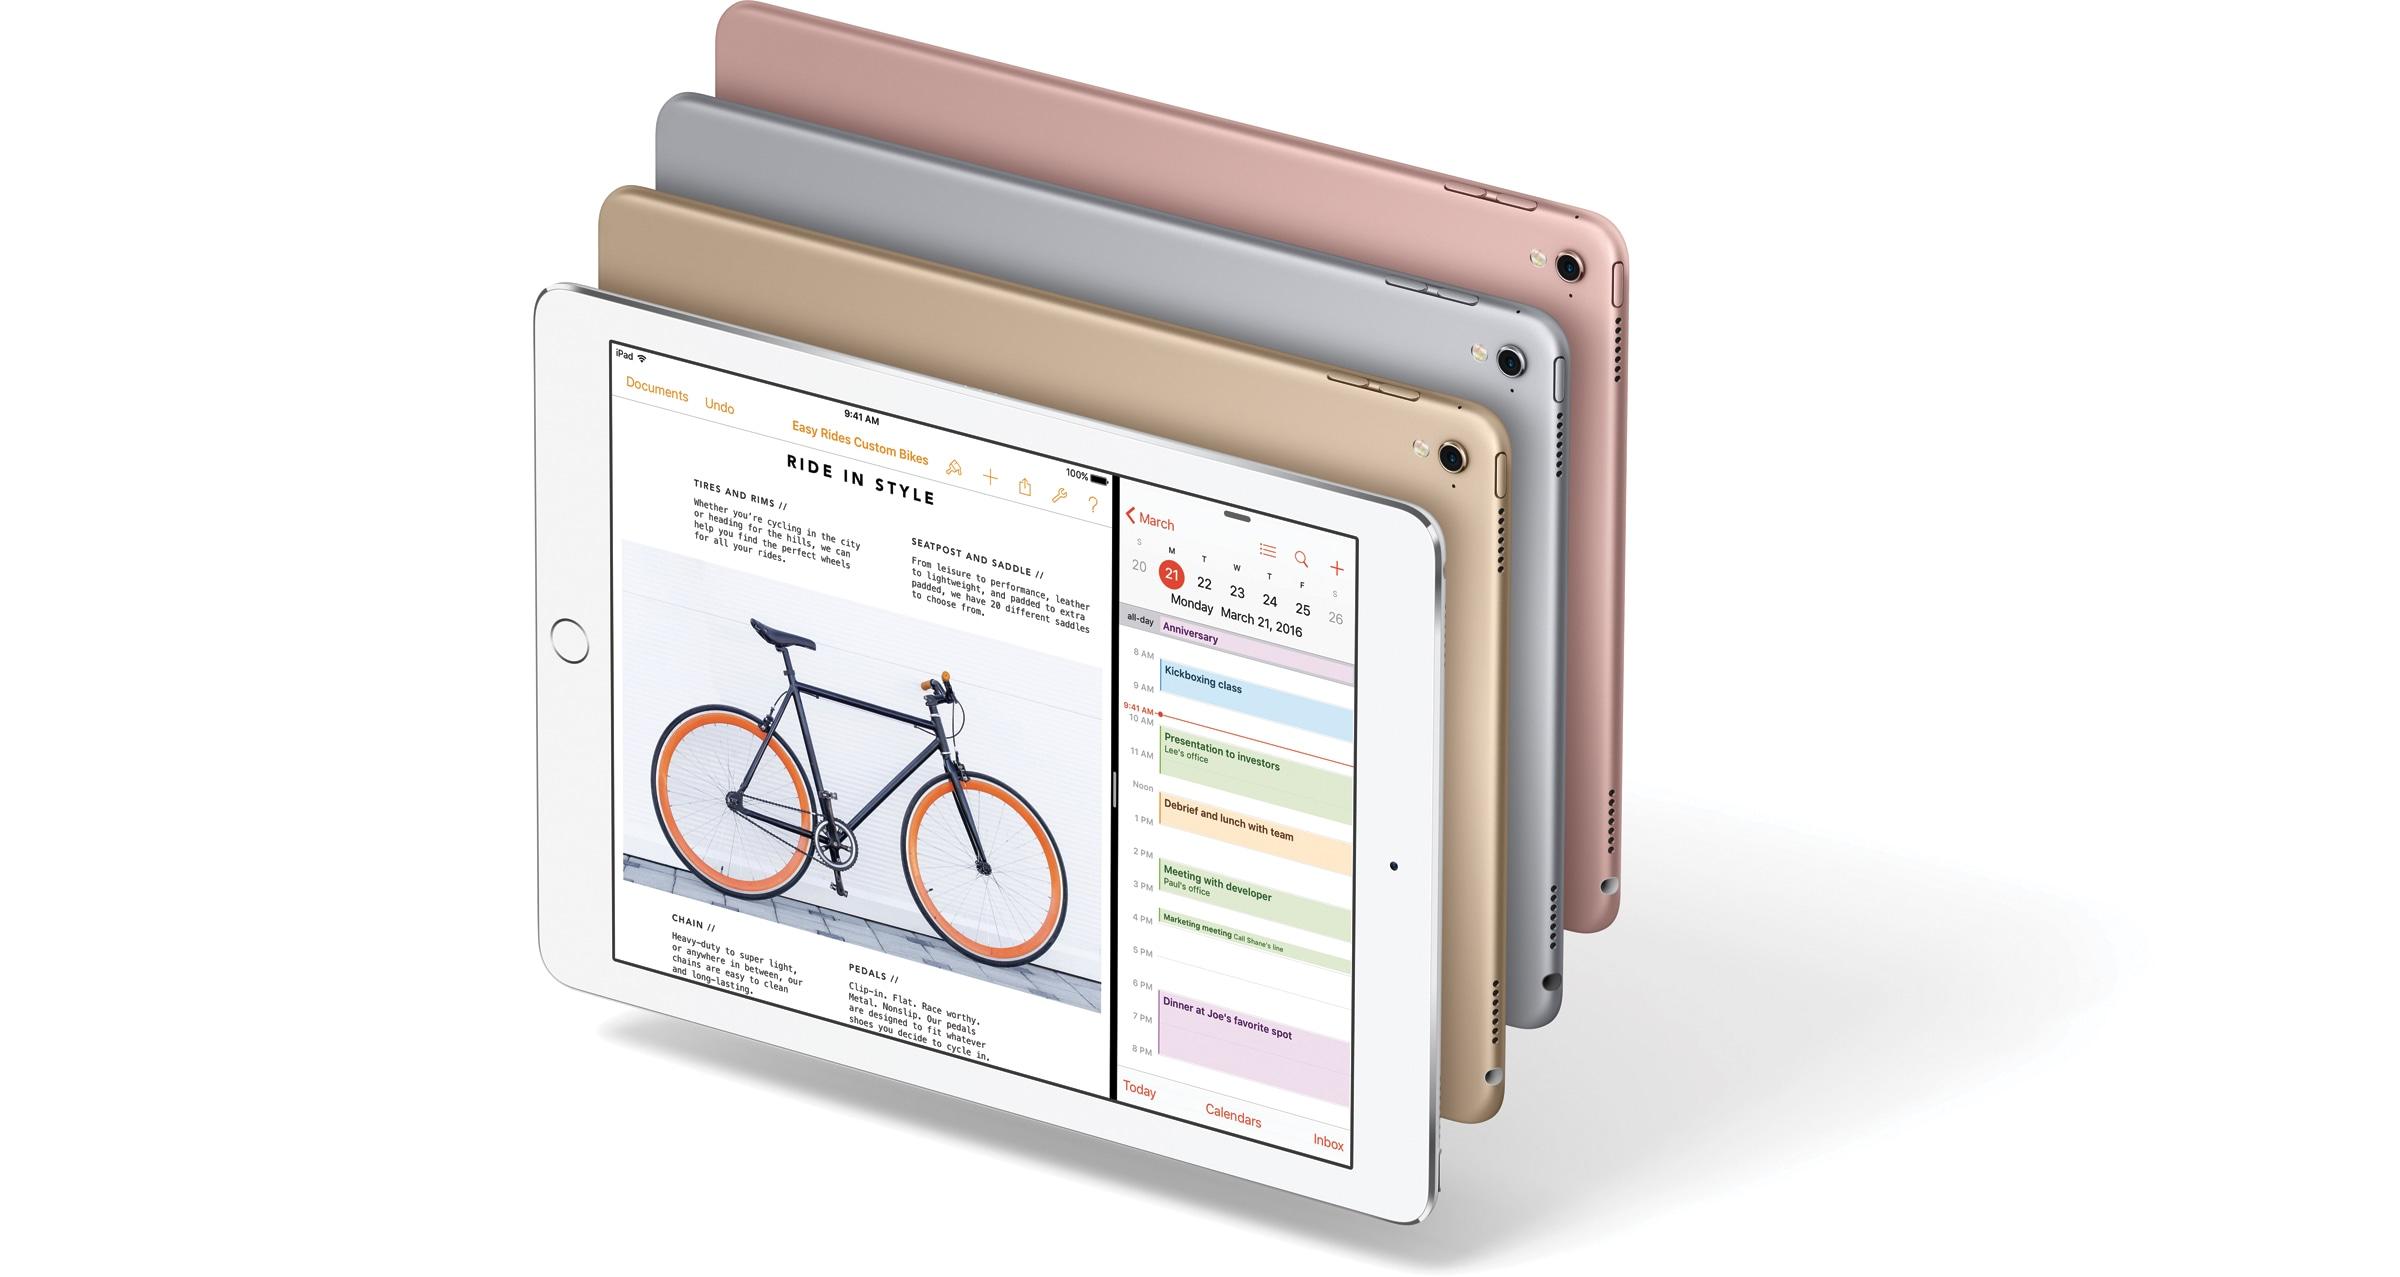 Família do iPad Pro de 9,7 polegadas com as quatro cores voando